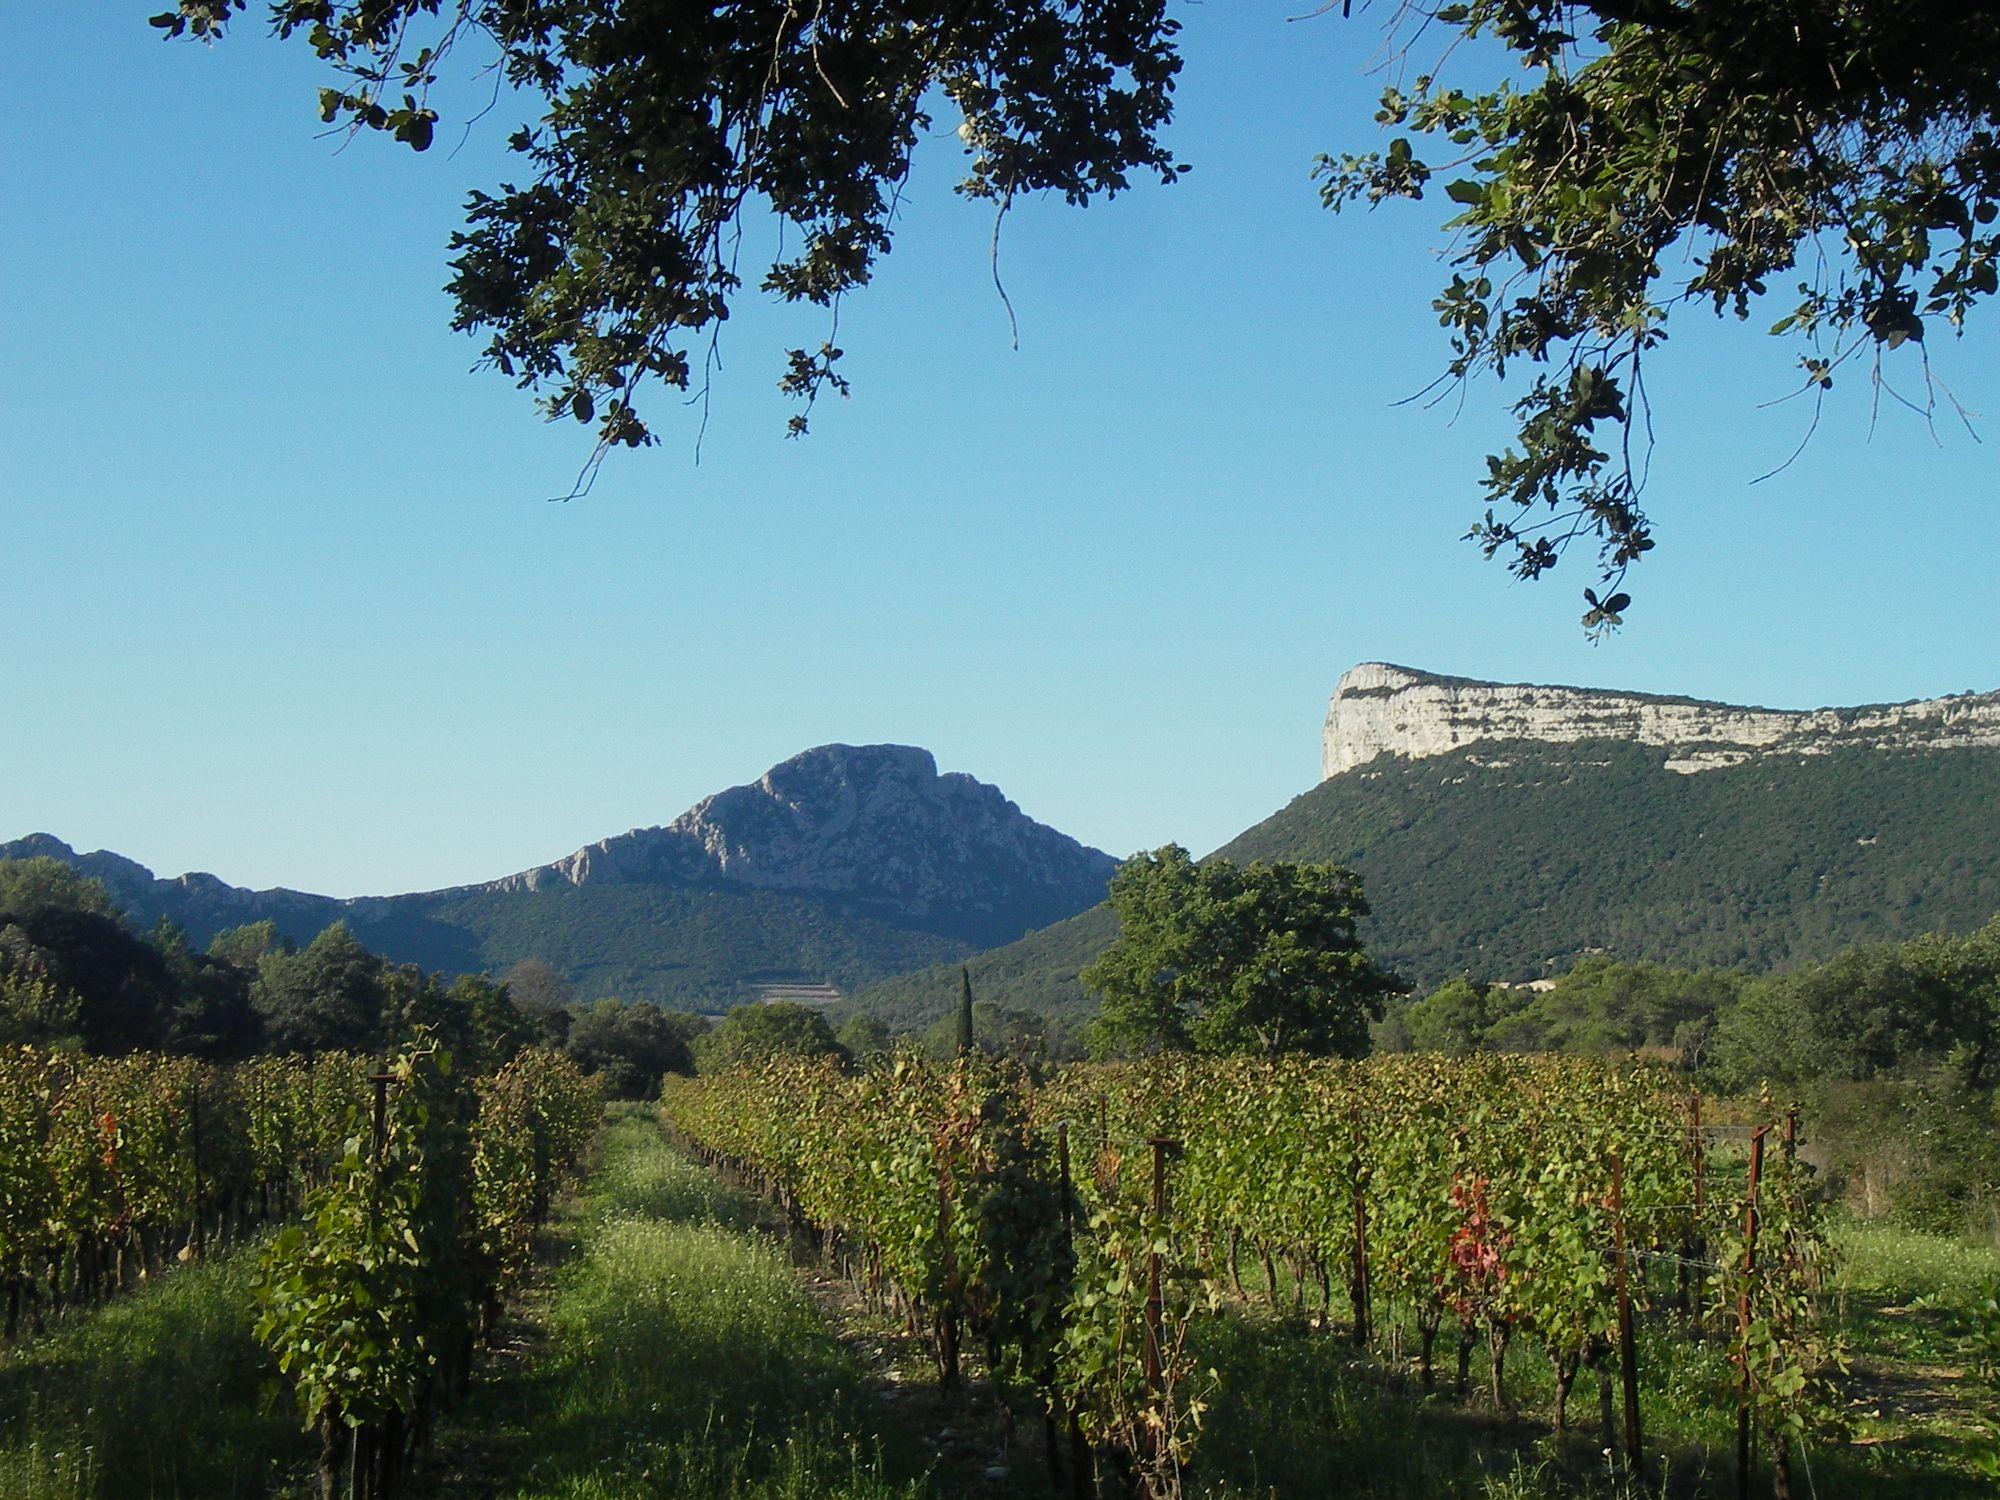 Vignes au pied du Pic St Loup et de l'Hortus